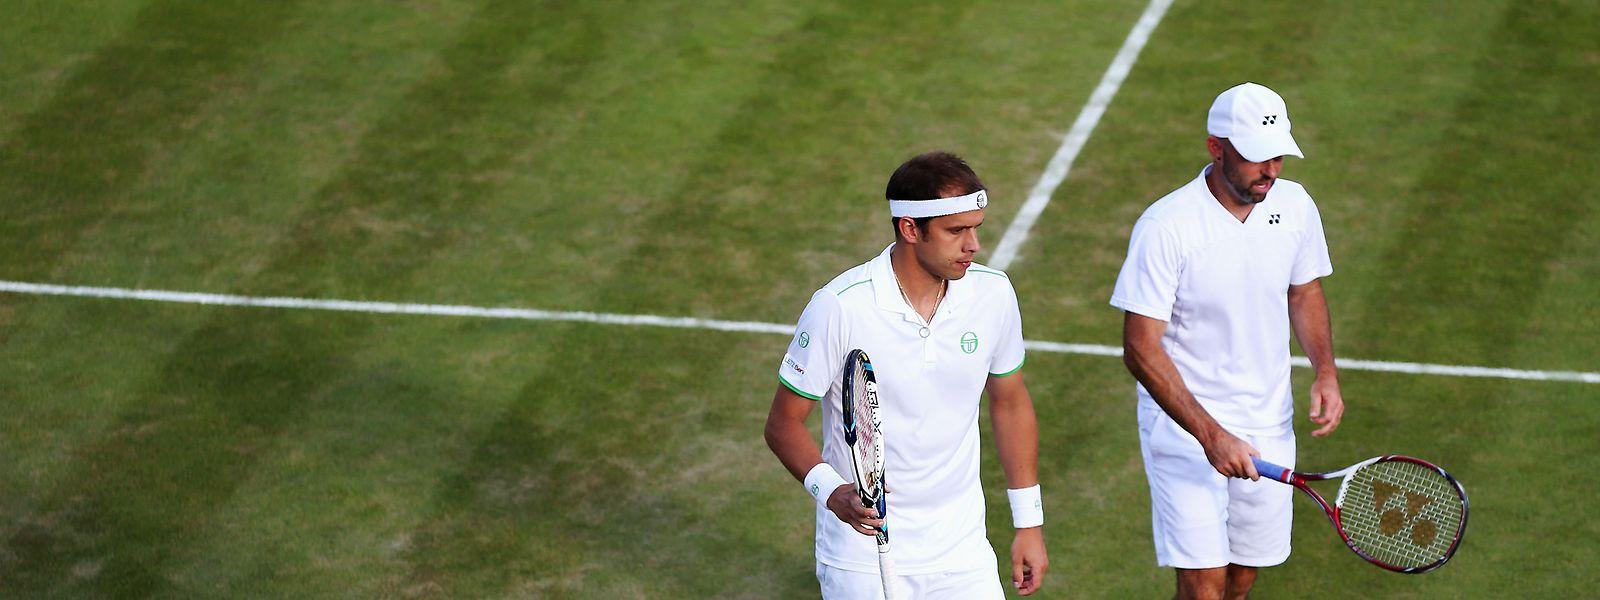 Jamie Delgado (r.) war zwei Jahre lang Coach von Gilles Muller. Beide spielten auch regelmäßig im Doppel zusammen, hier 2014 in Wimbledon.